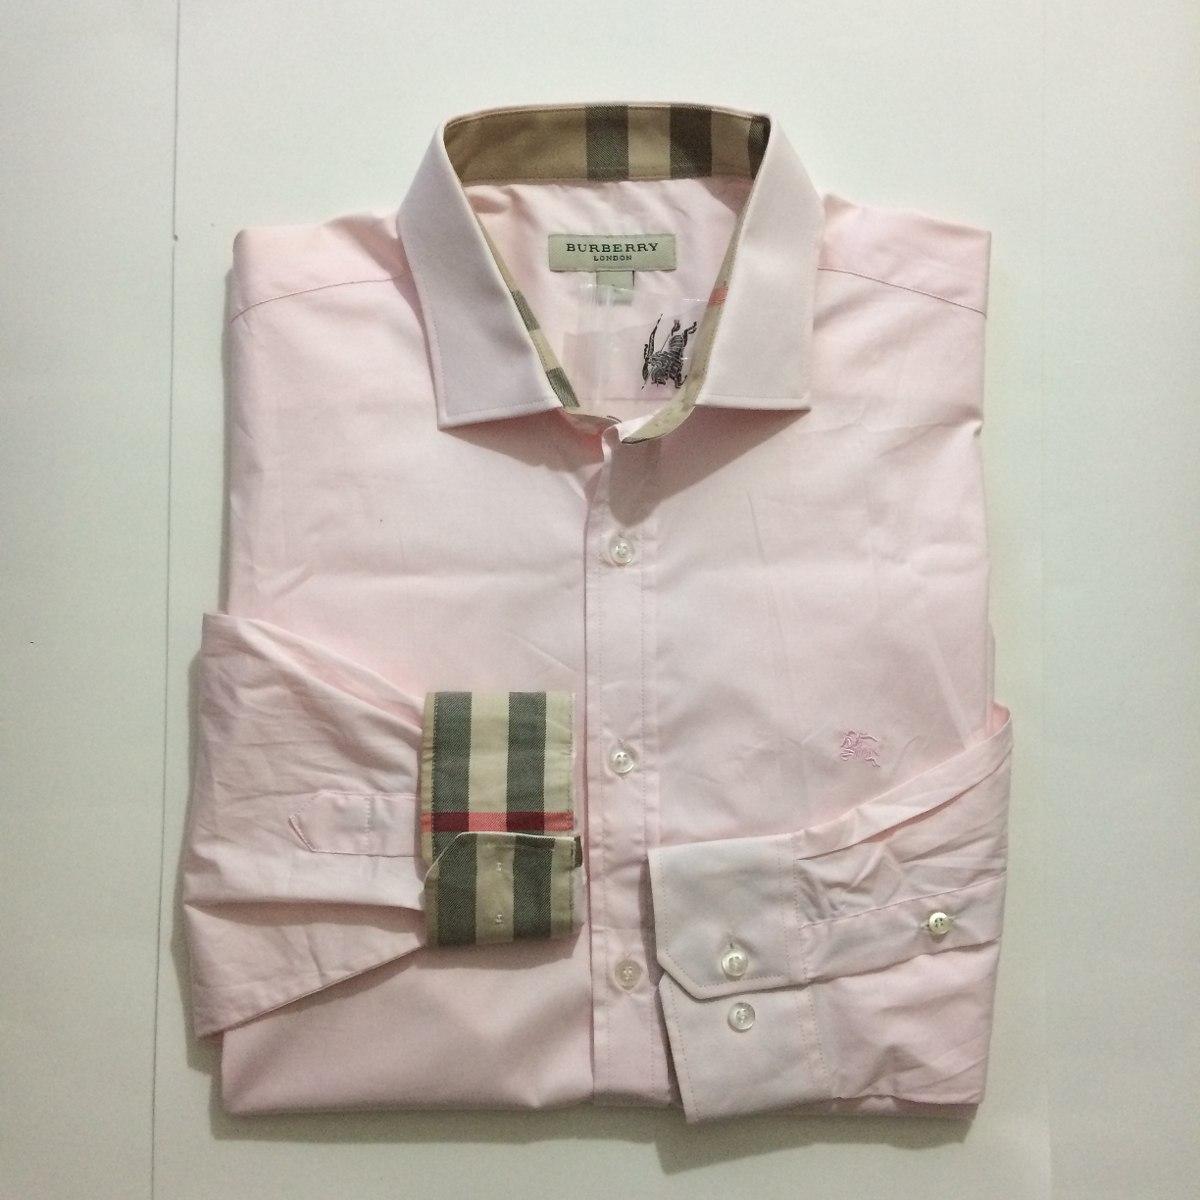 ecc3fcaf06 camisa social burberry london manga longa 100 algodão. Carregando zoom.